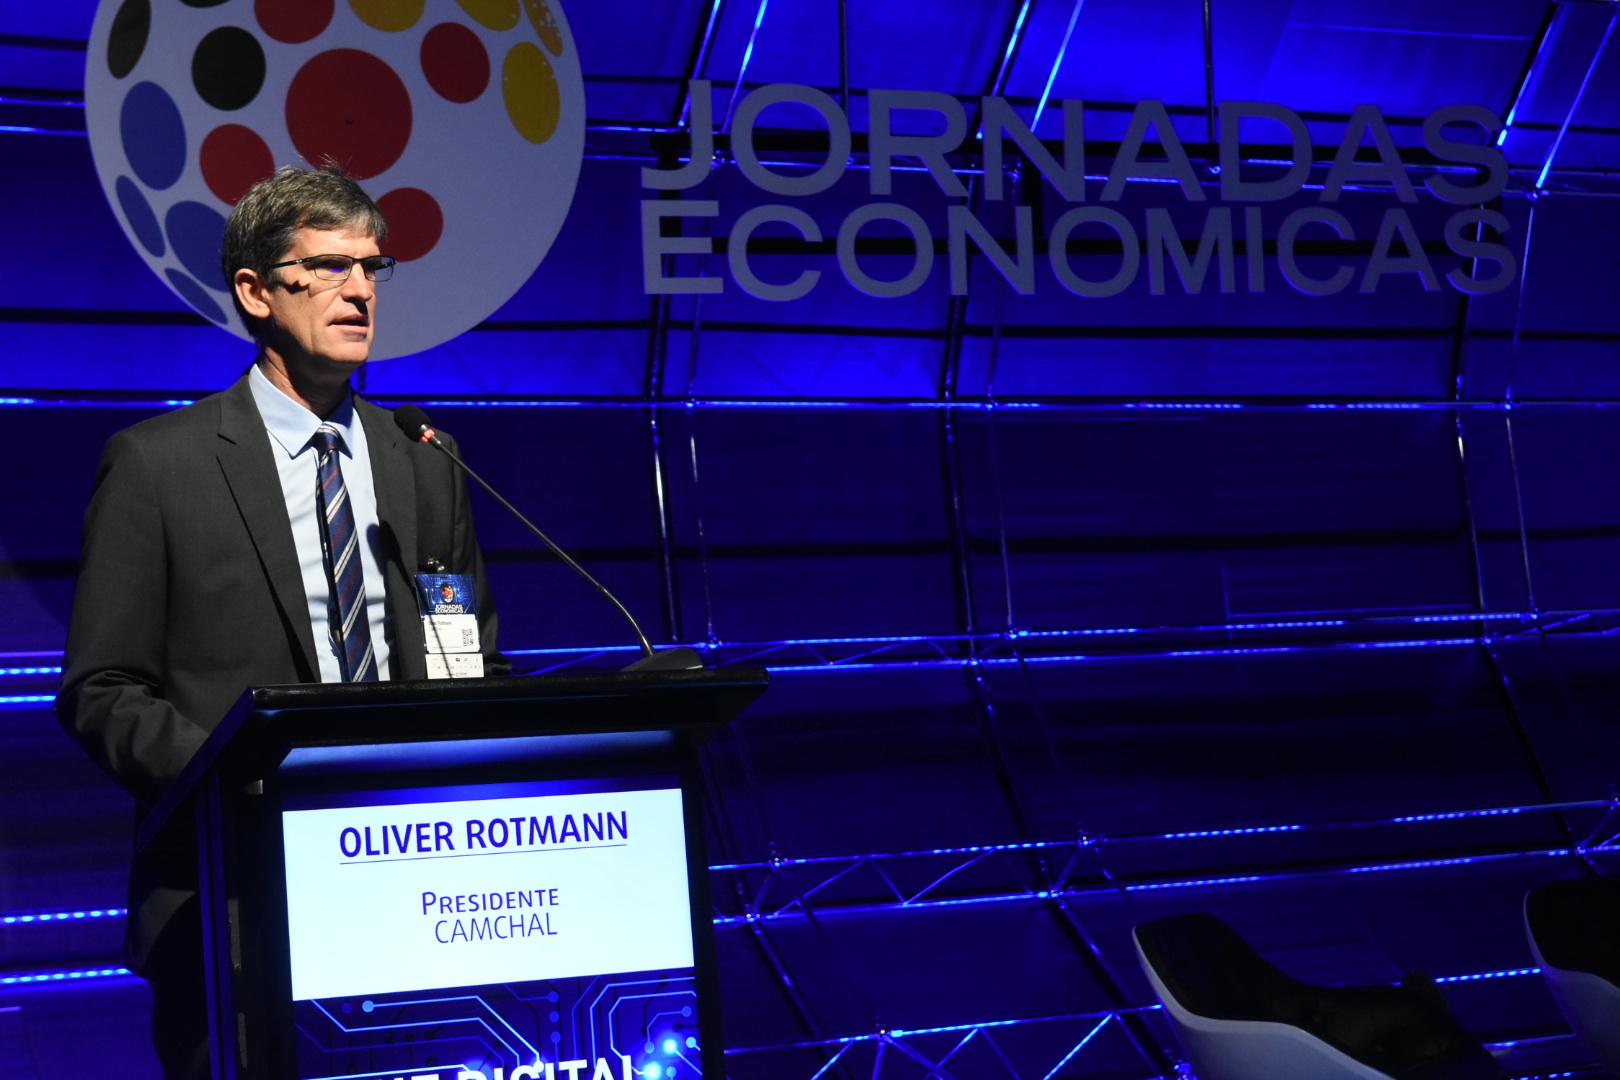 La importancia de los datos fue el tema central de las Jornadas Económicas Chile Alemania 2017